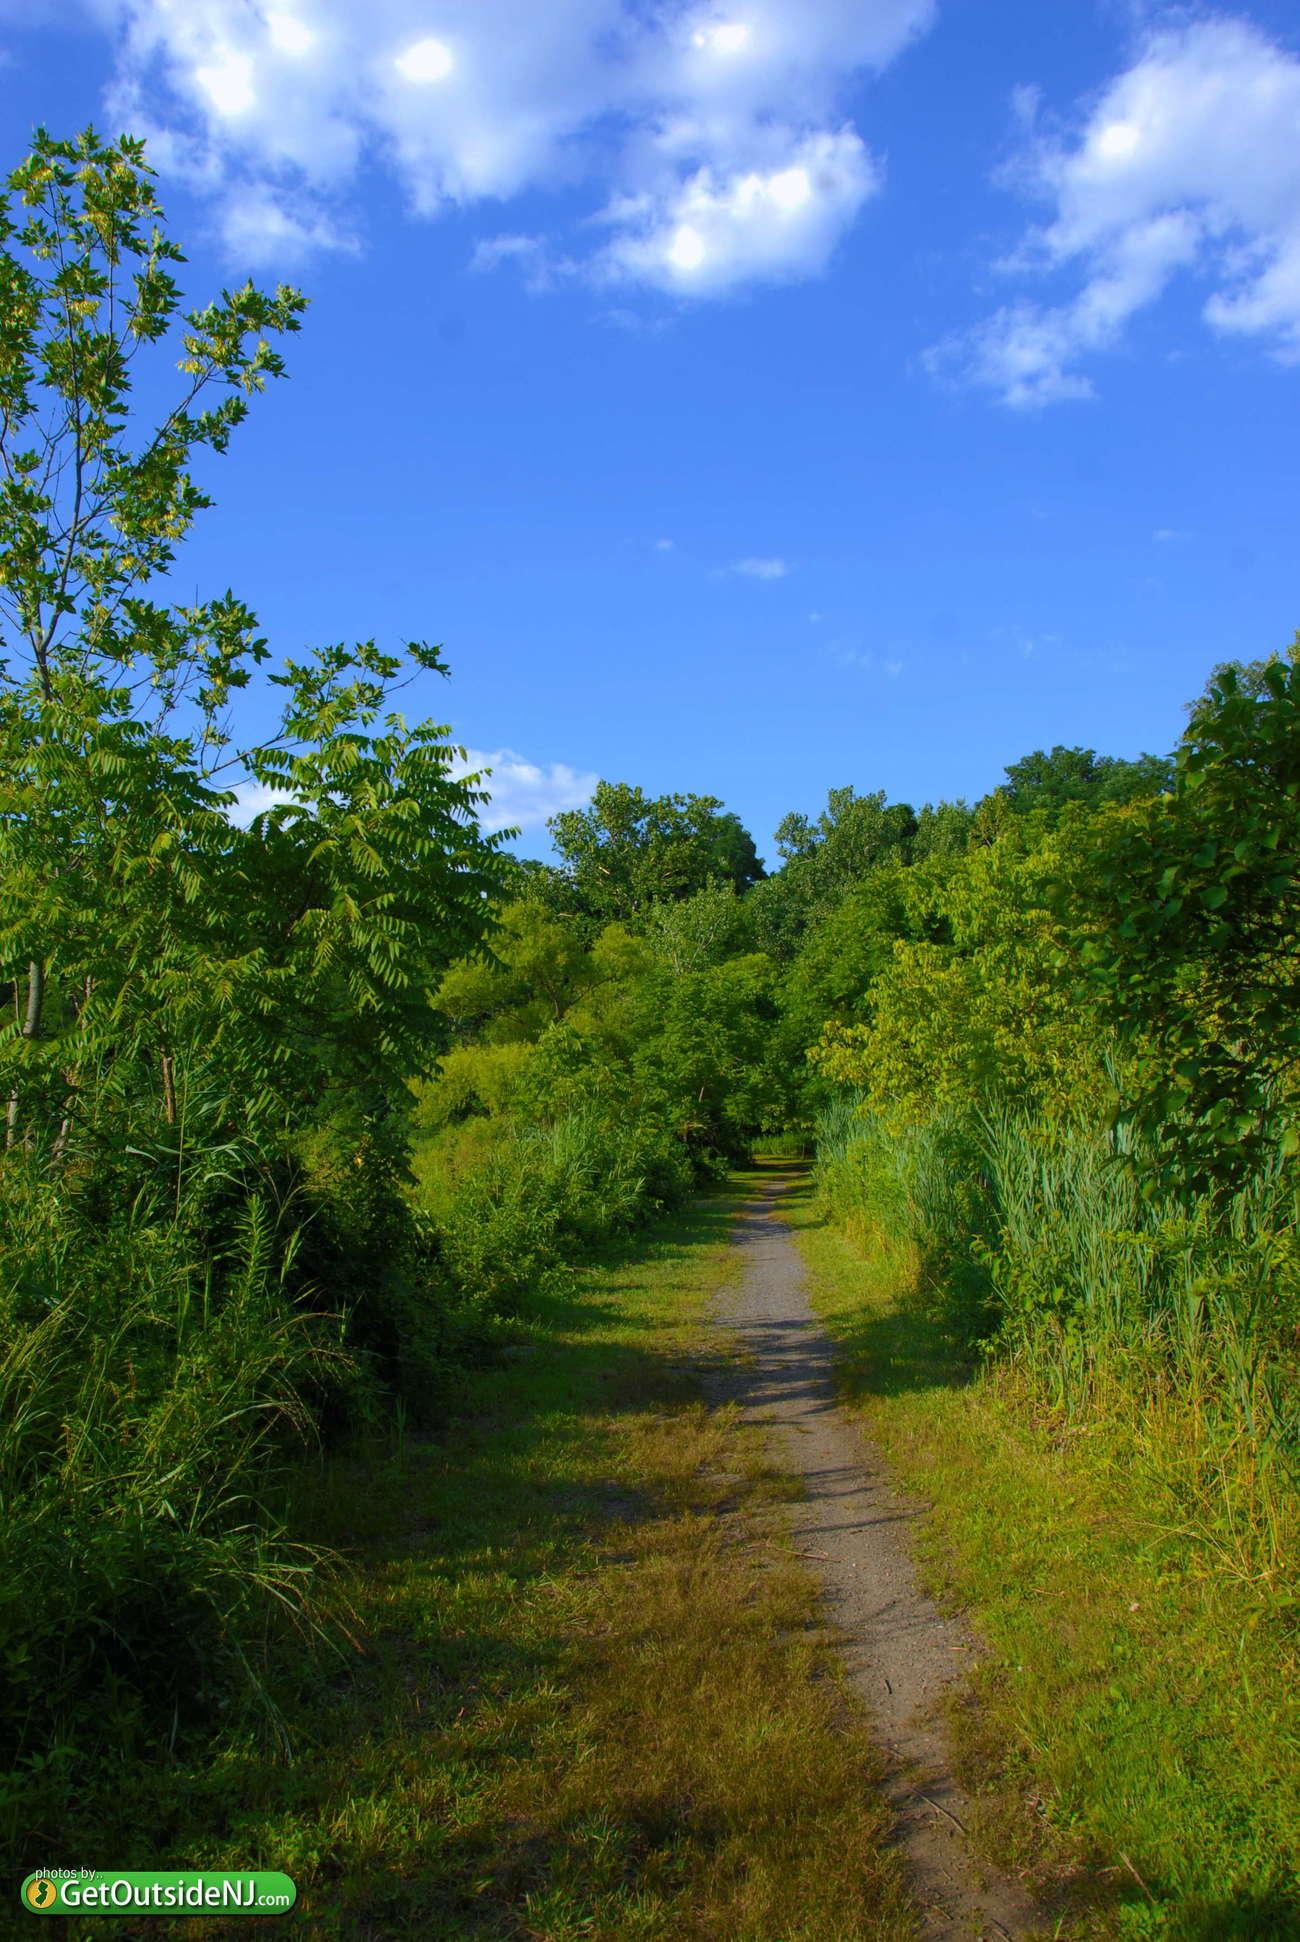 Mercer county park hamilton nj / St augustine courses